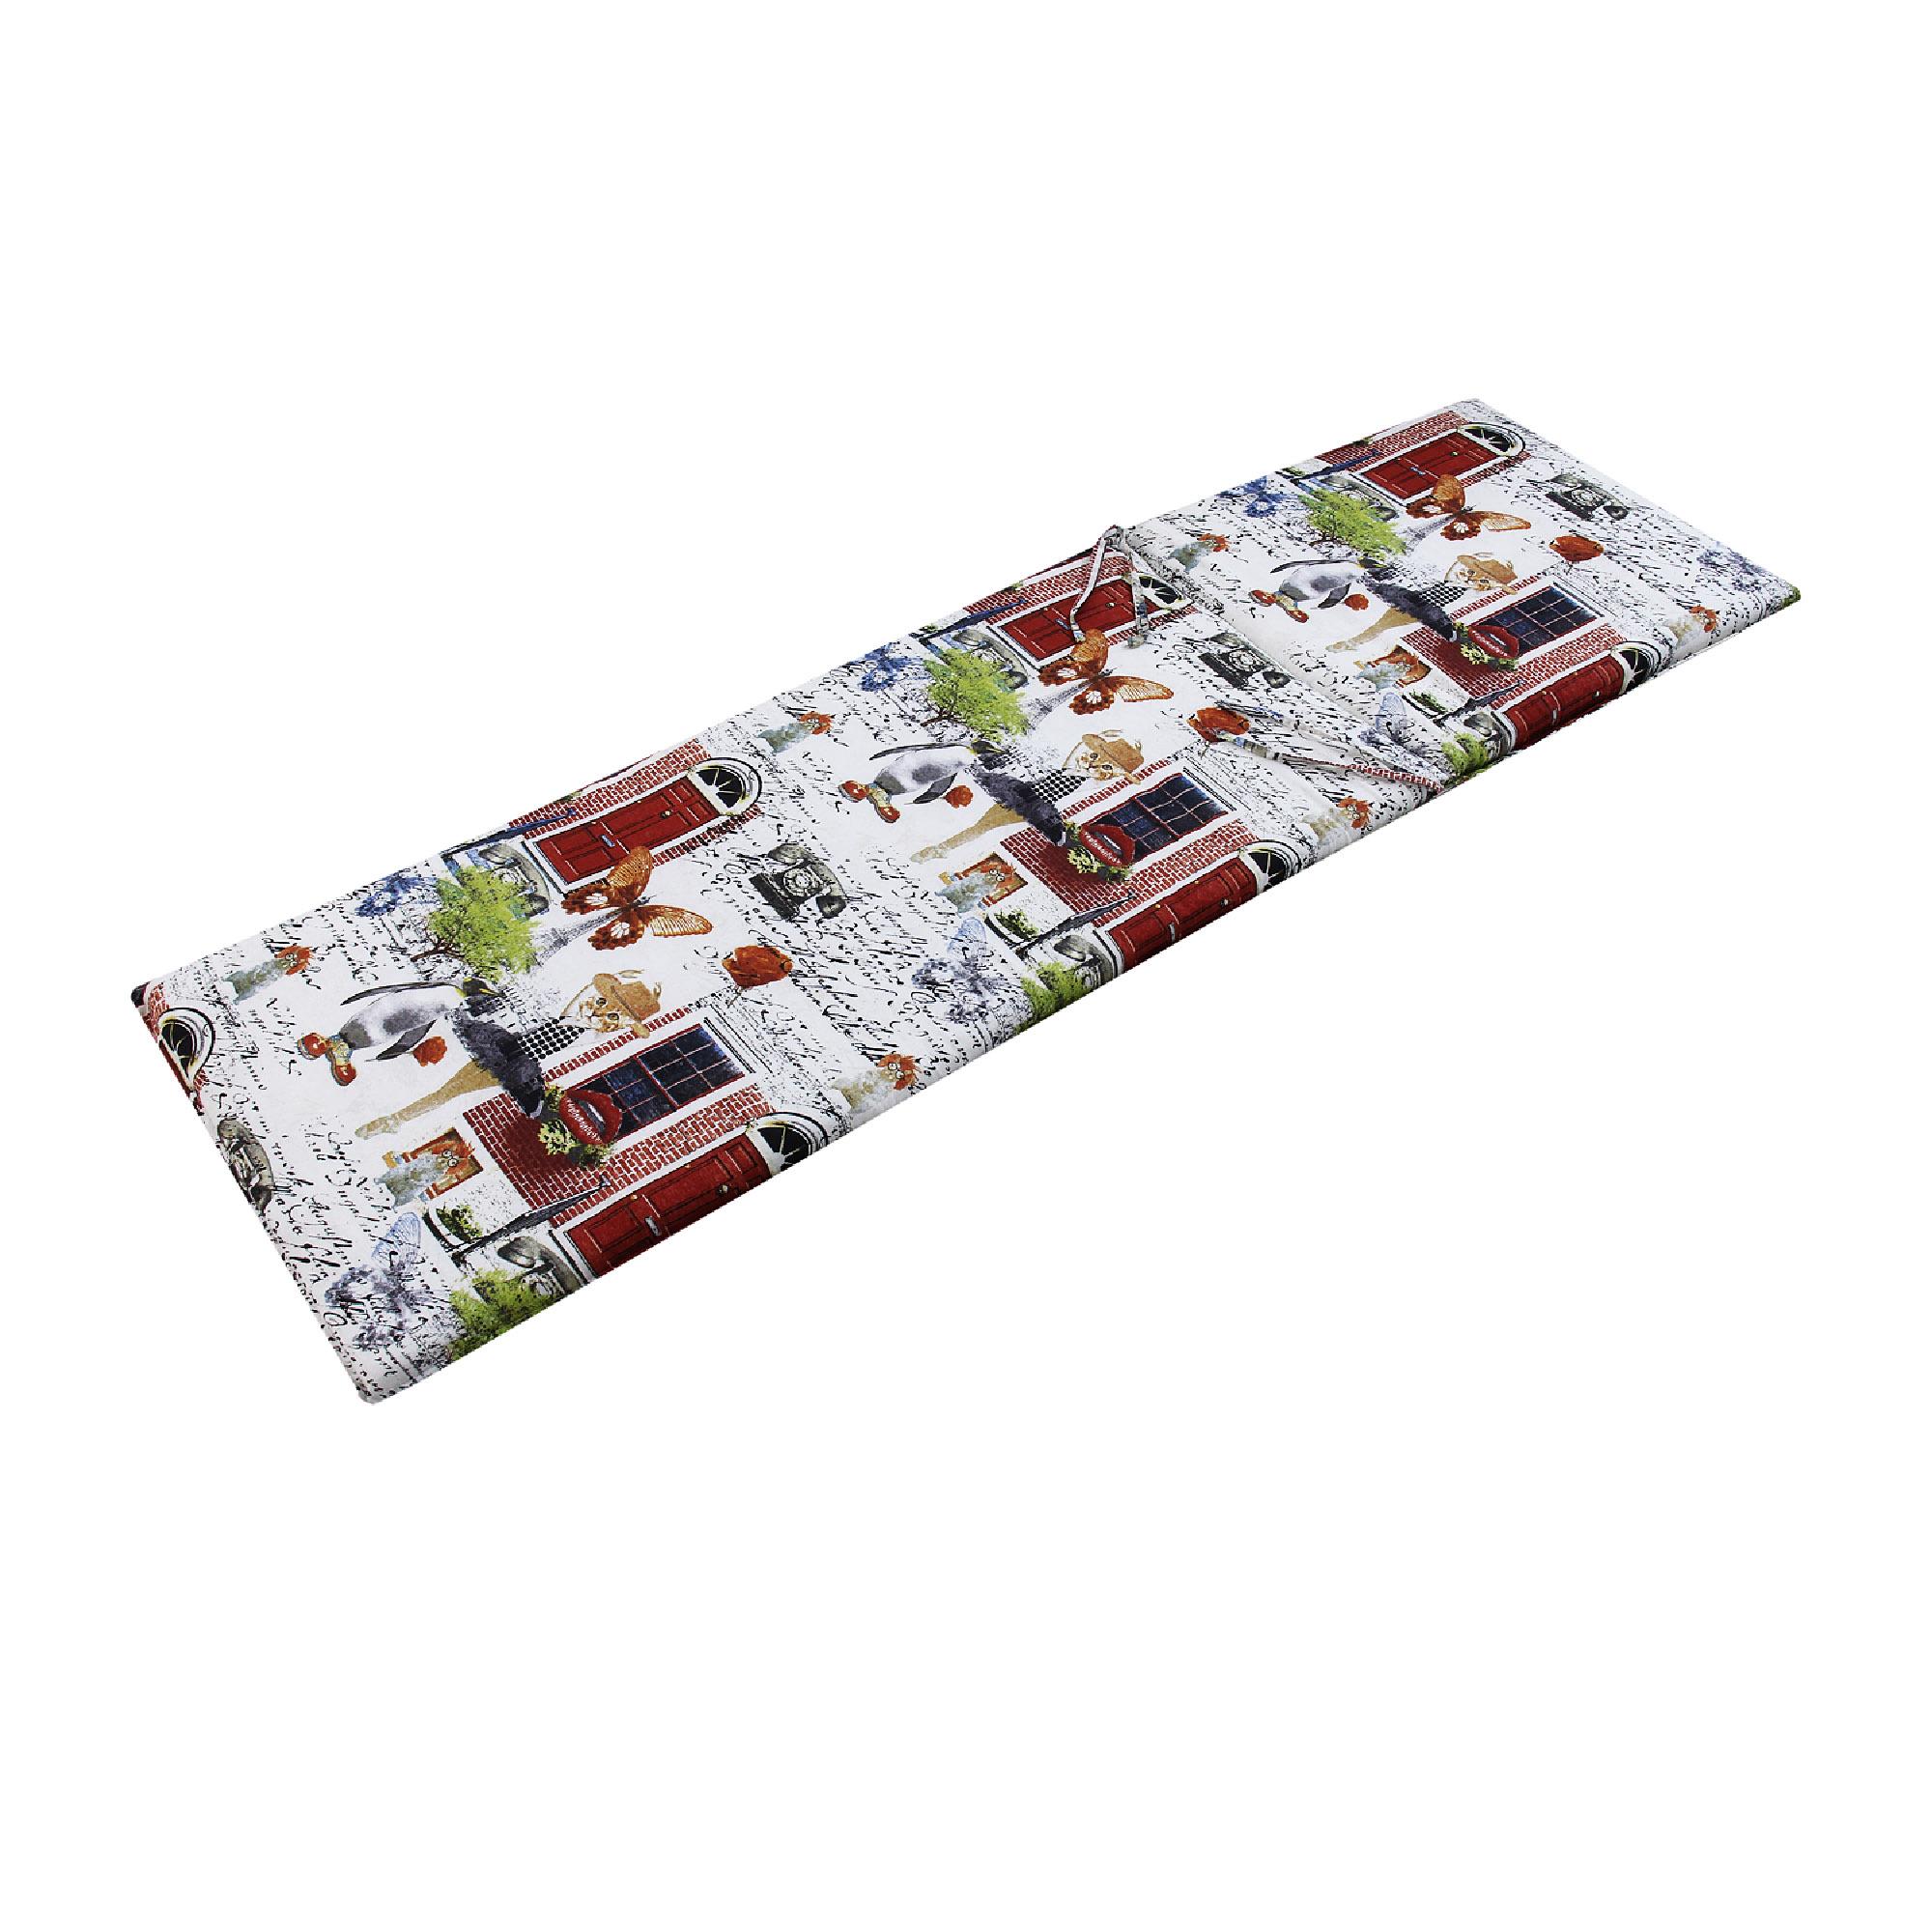 Матрац для лежака/шезлонга Летолюкс design (ЛЛМ-21) фото